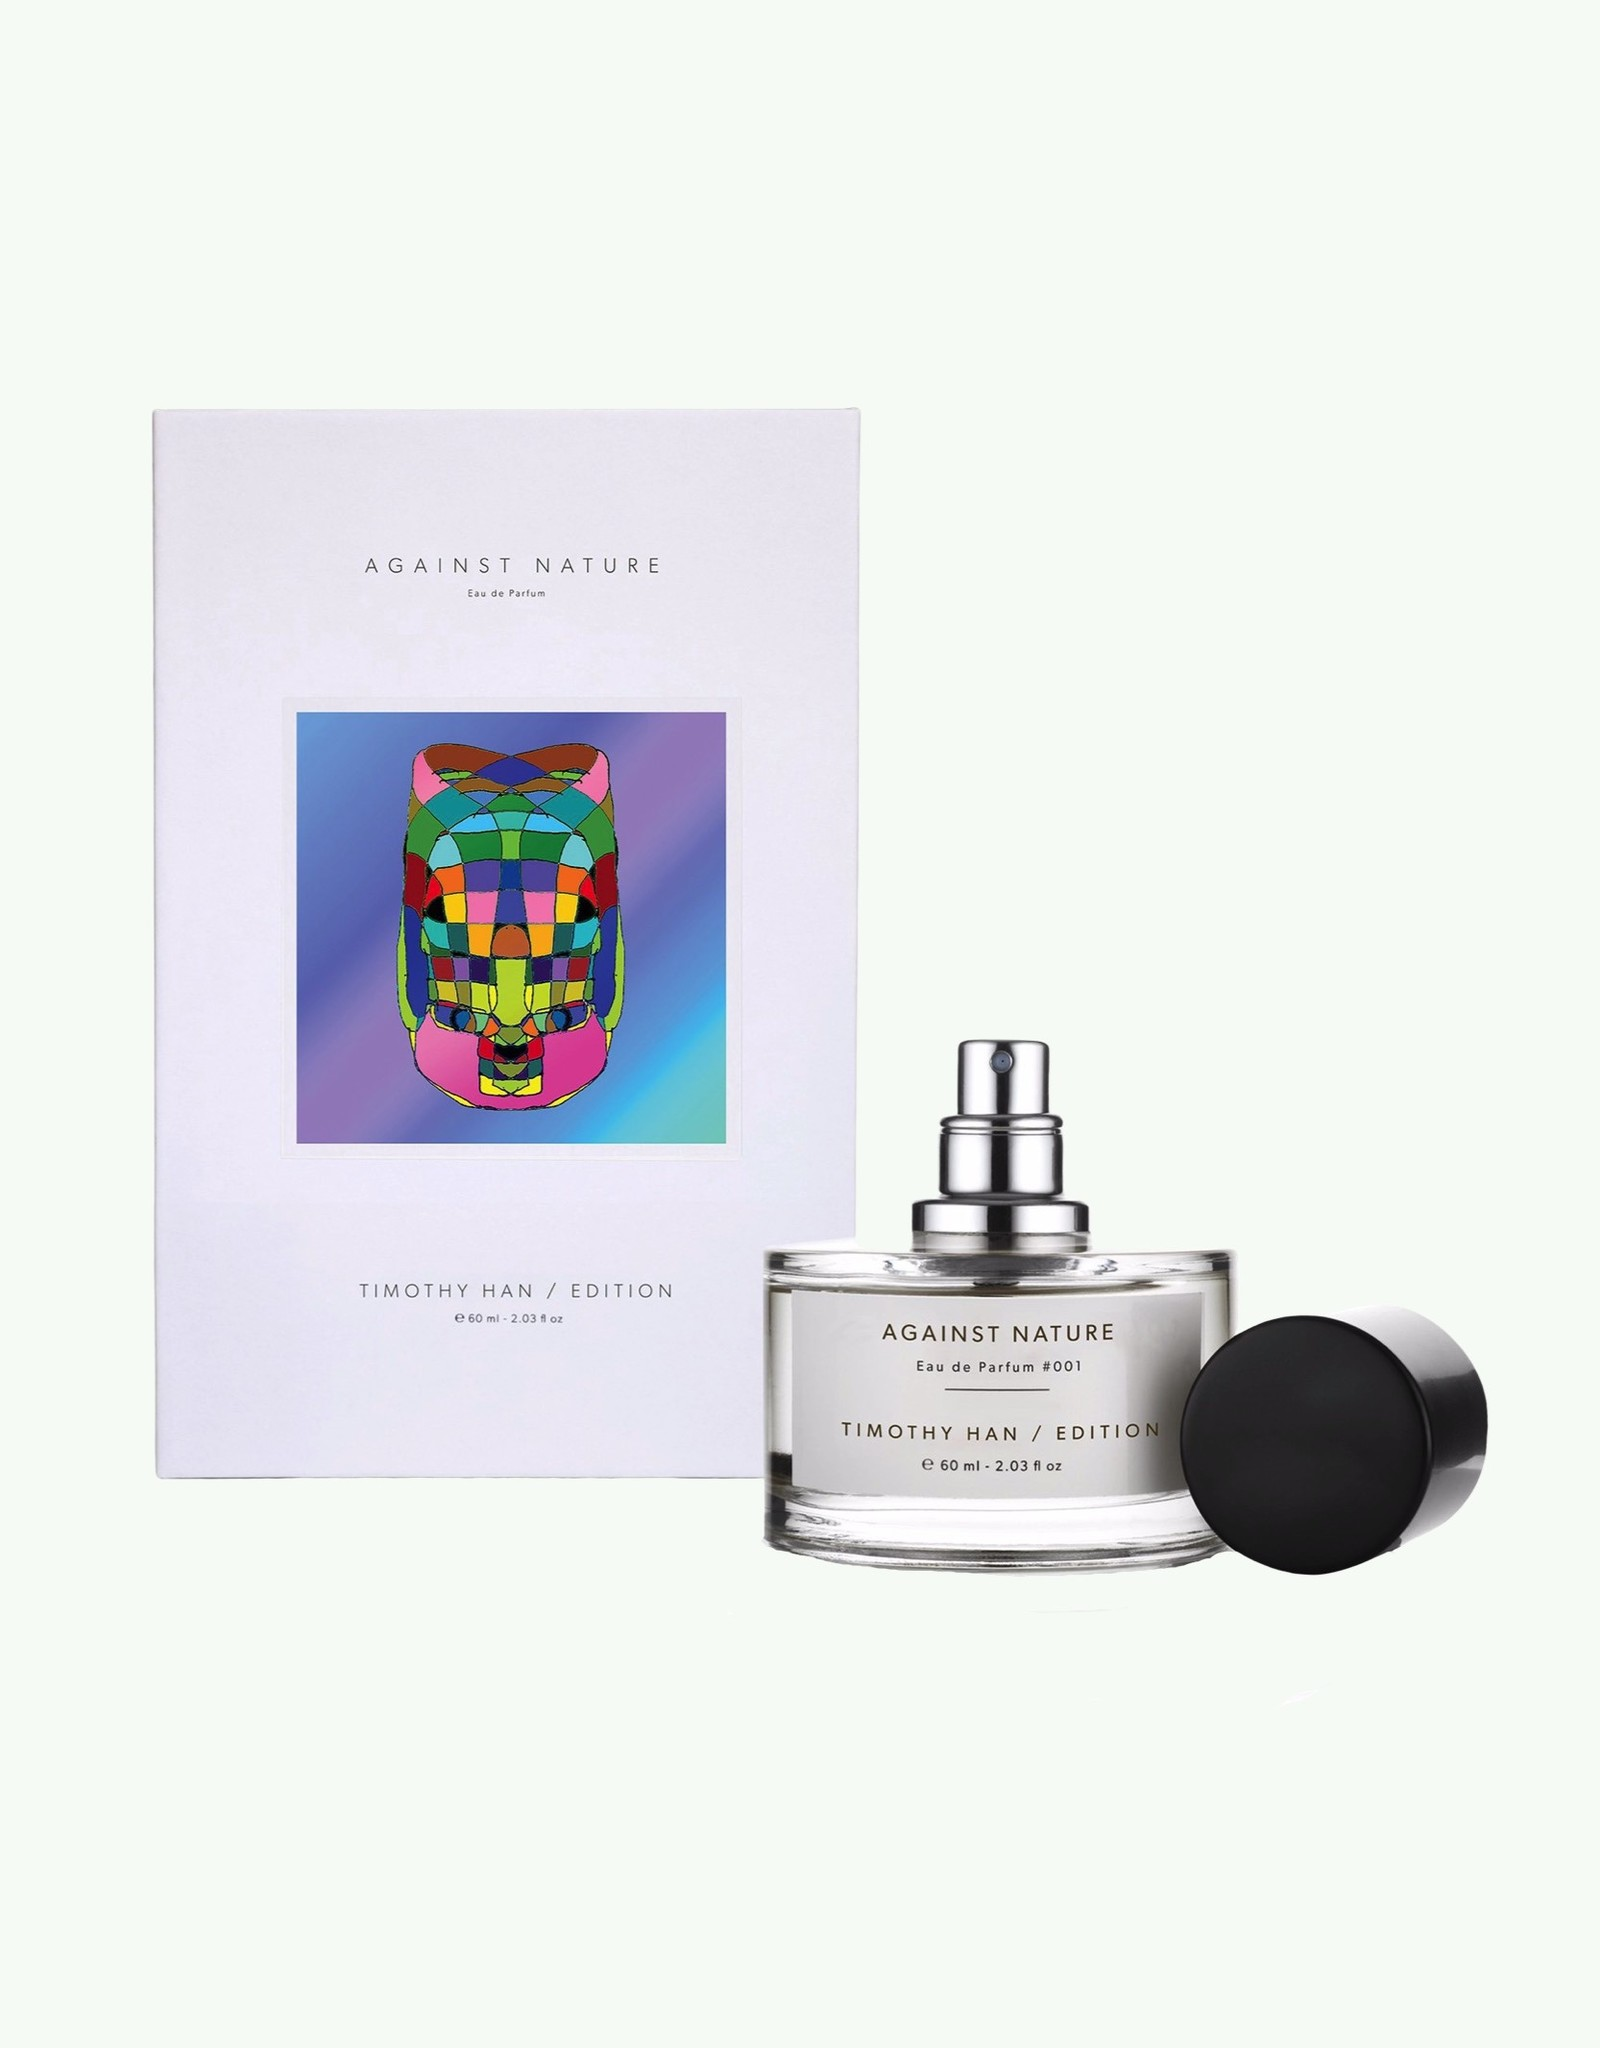 Timothy Han / Edition Timothy Han / Edition - Against Nature - Eau de Parfum